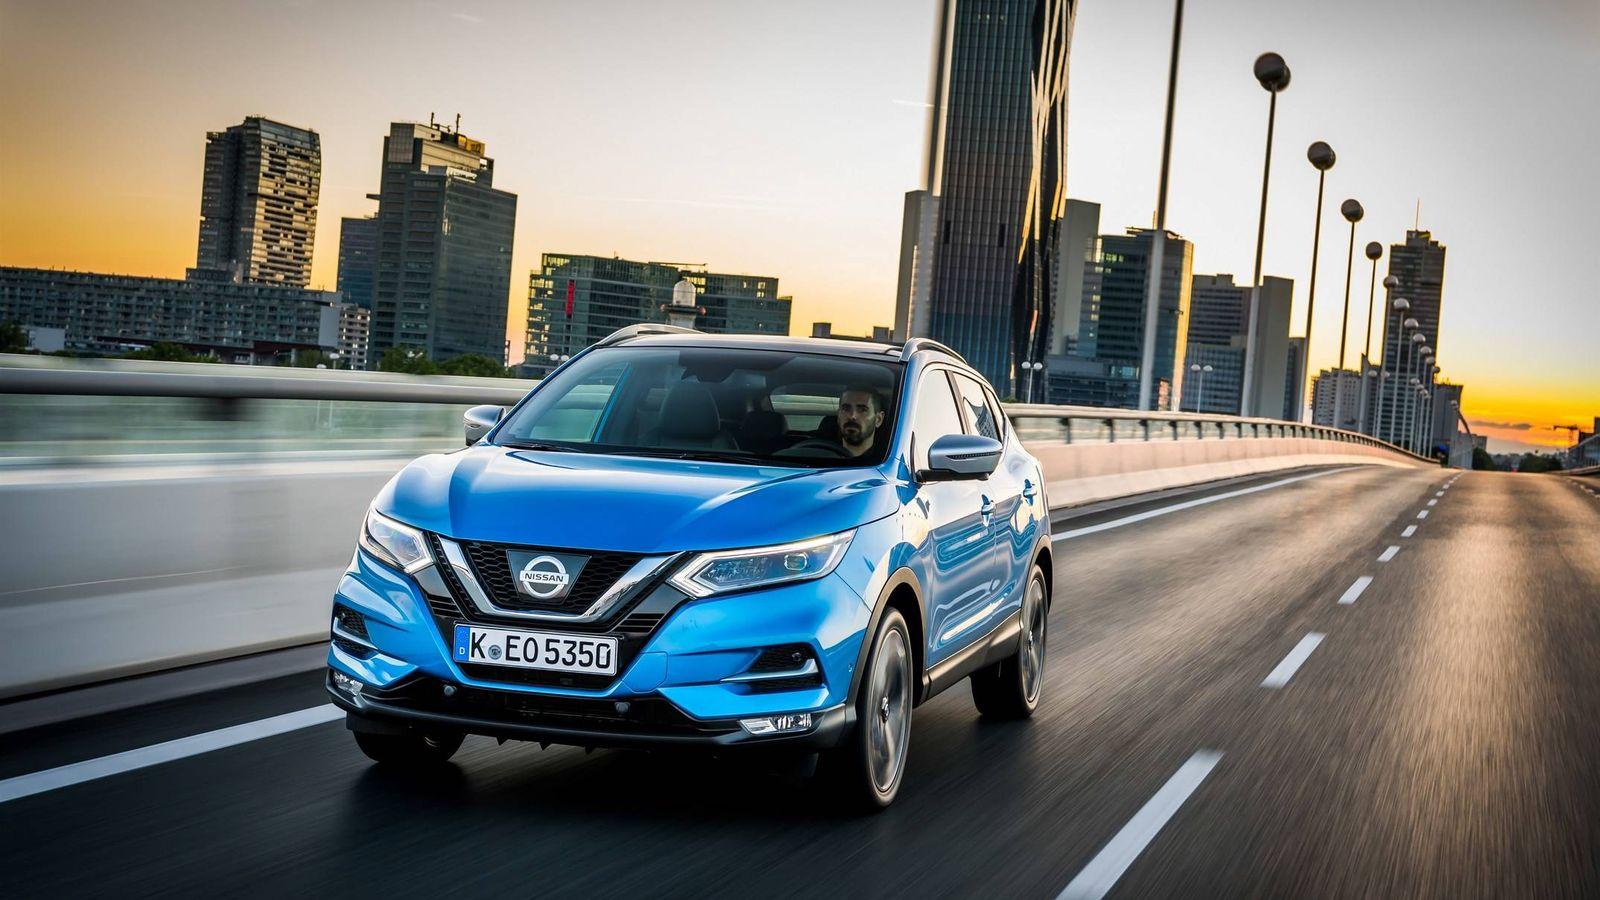 Foto: El Nissan Qashqai, gran protagonista en este resultado de la alianza Renault-Nissan.